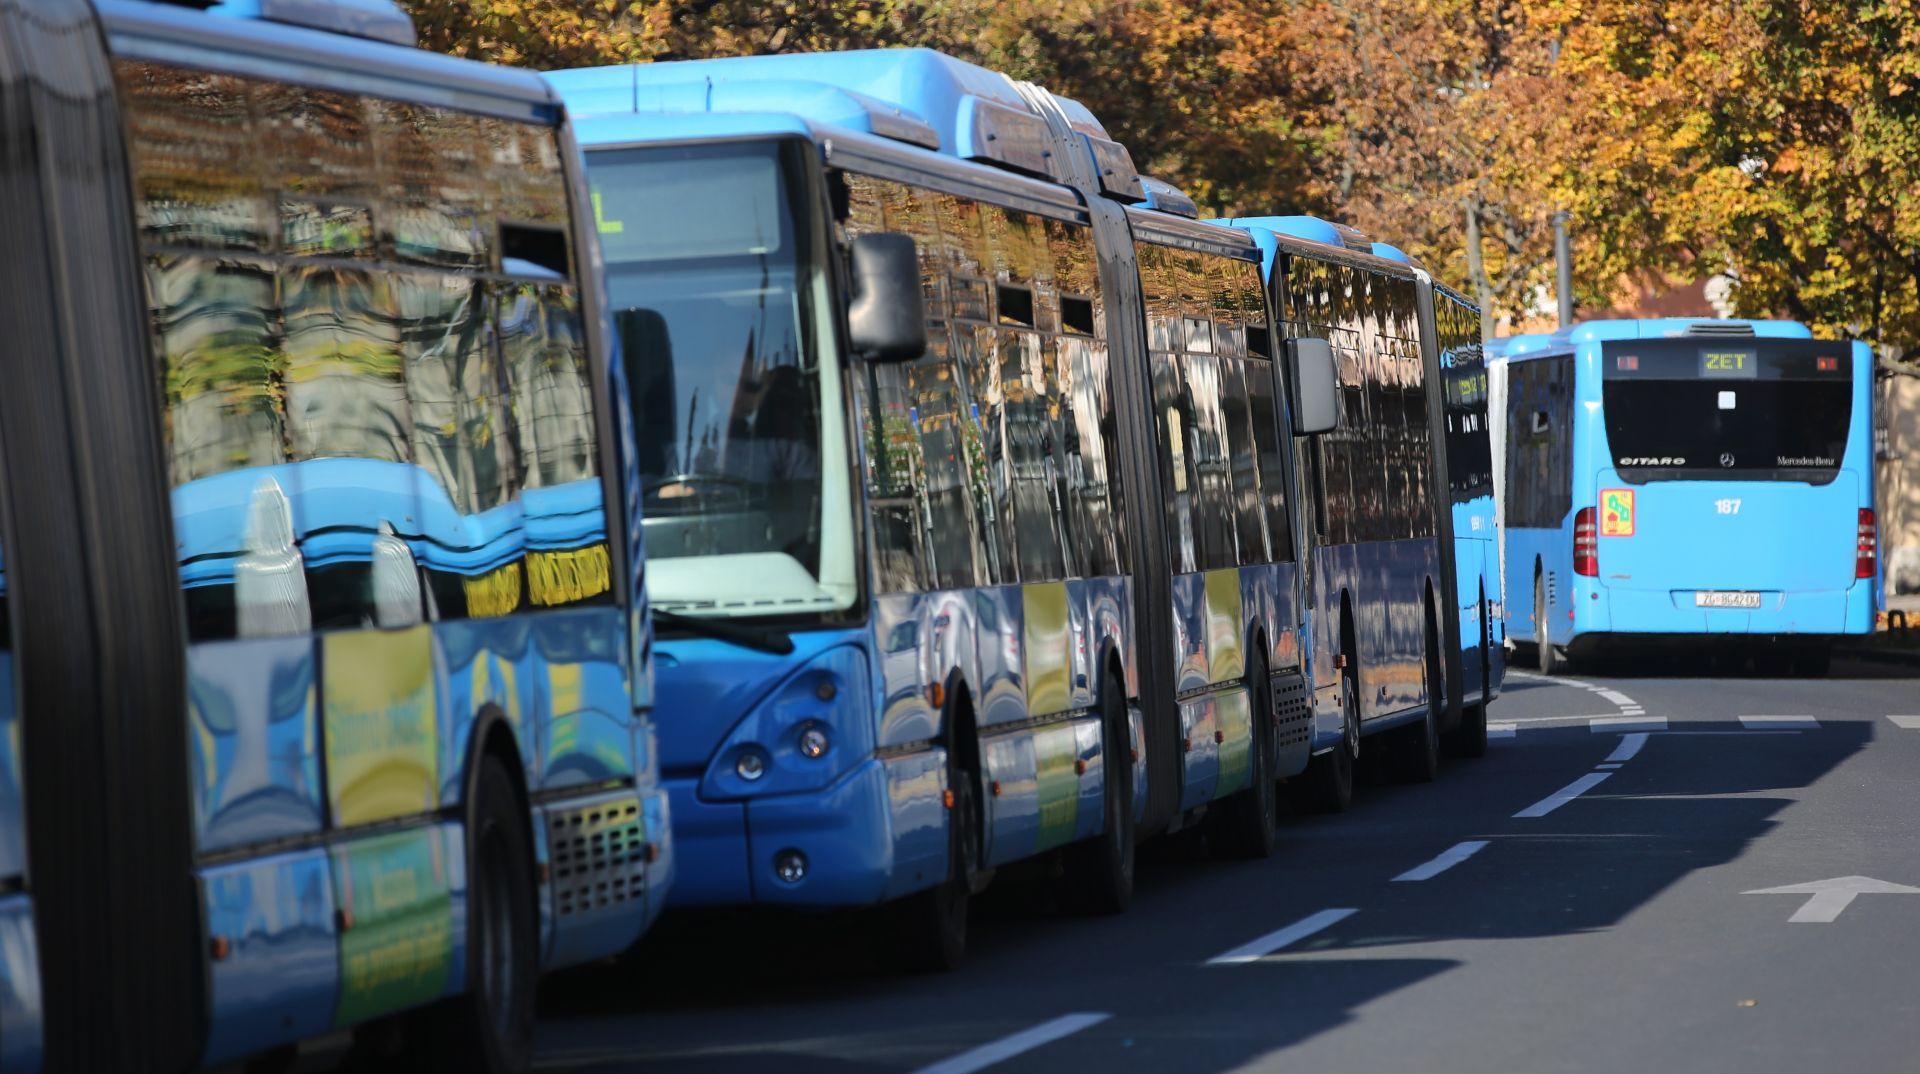 ZAGREB 15 novih autobusa sufinanciranih bespovratnim sredstvima EU